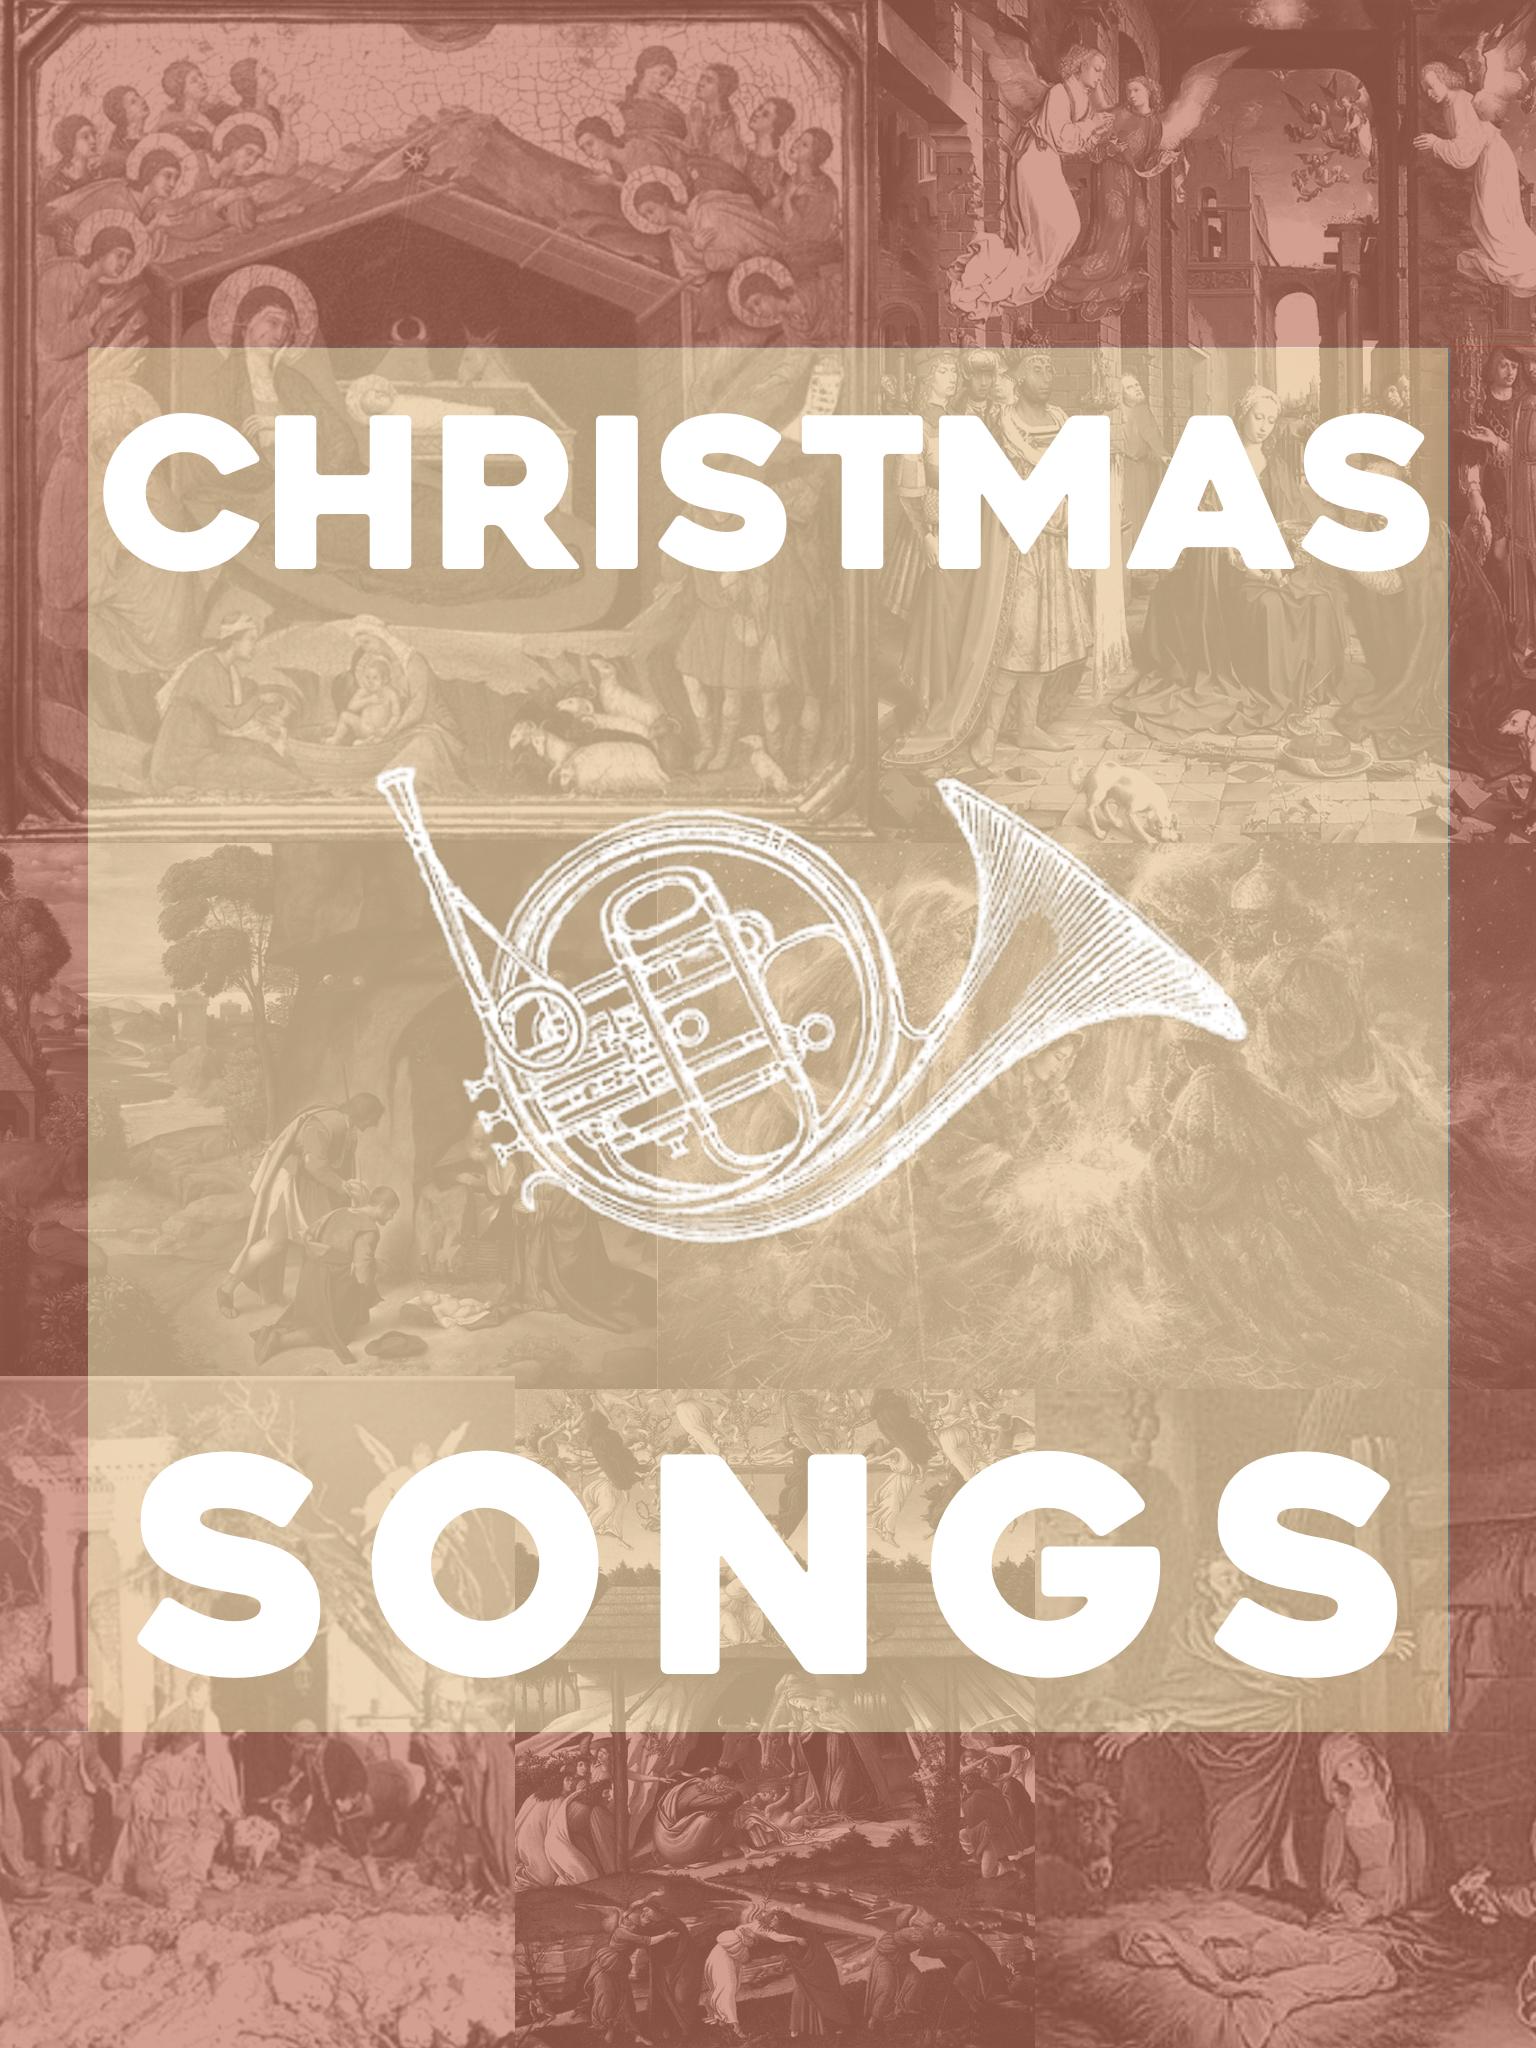 CHRISTMAS SONGS    NOV 29 - DEC 20